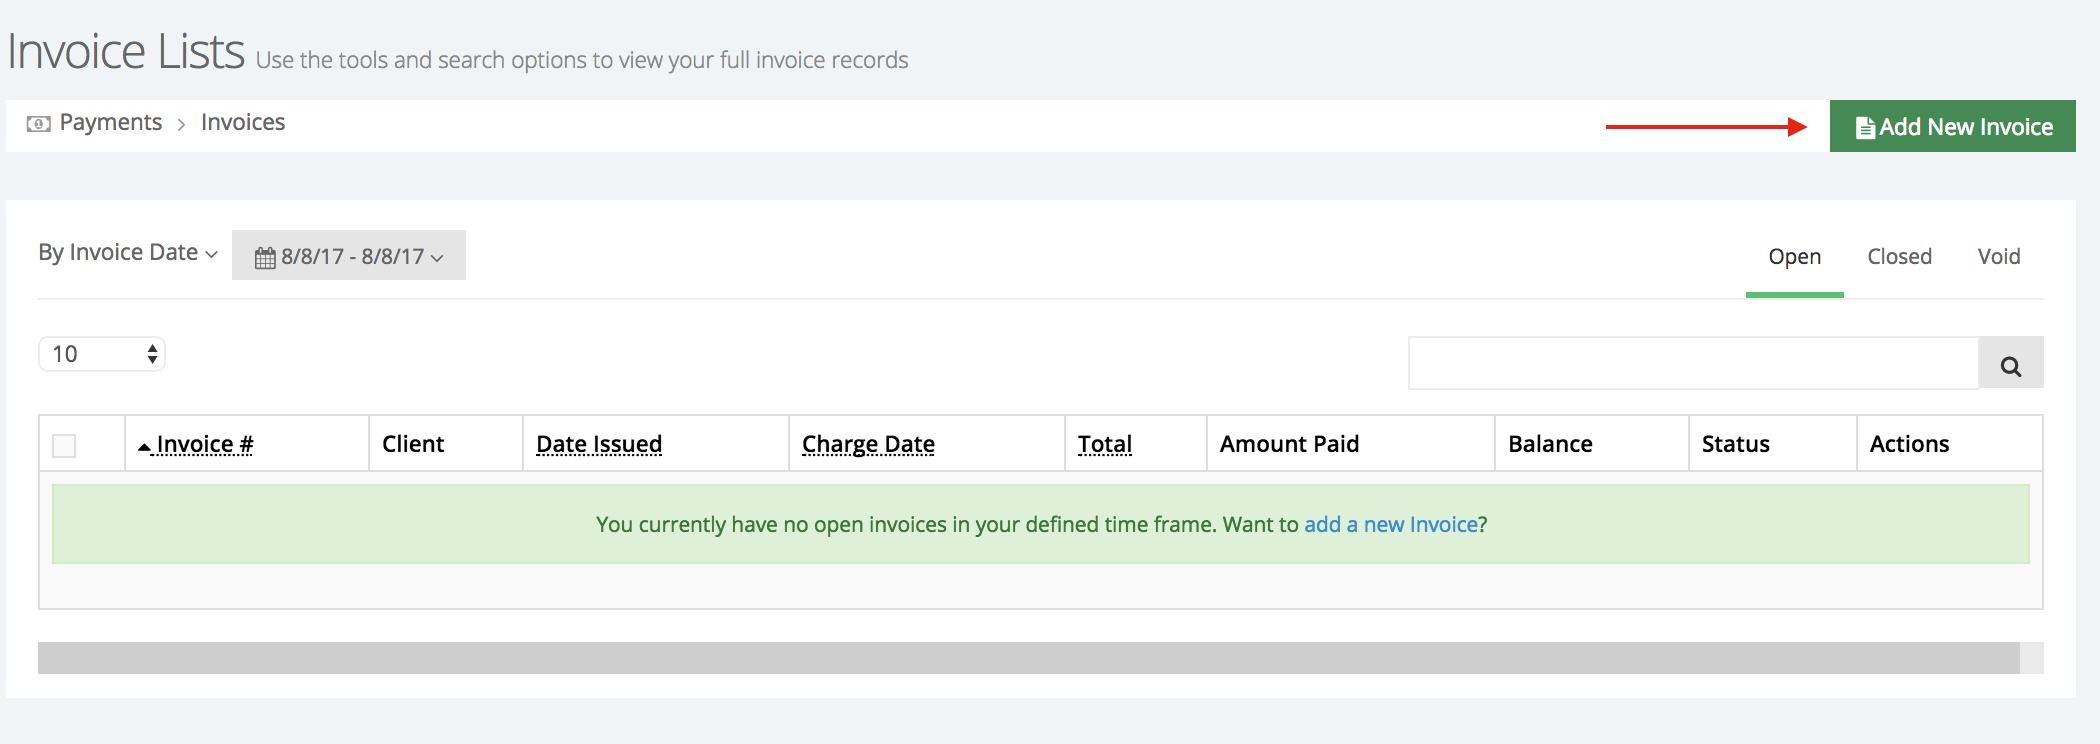 Add a new invoice